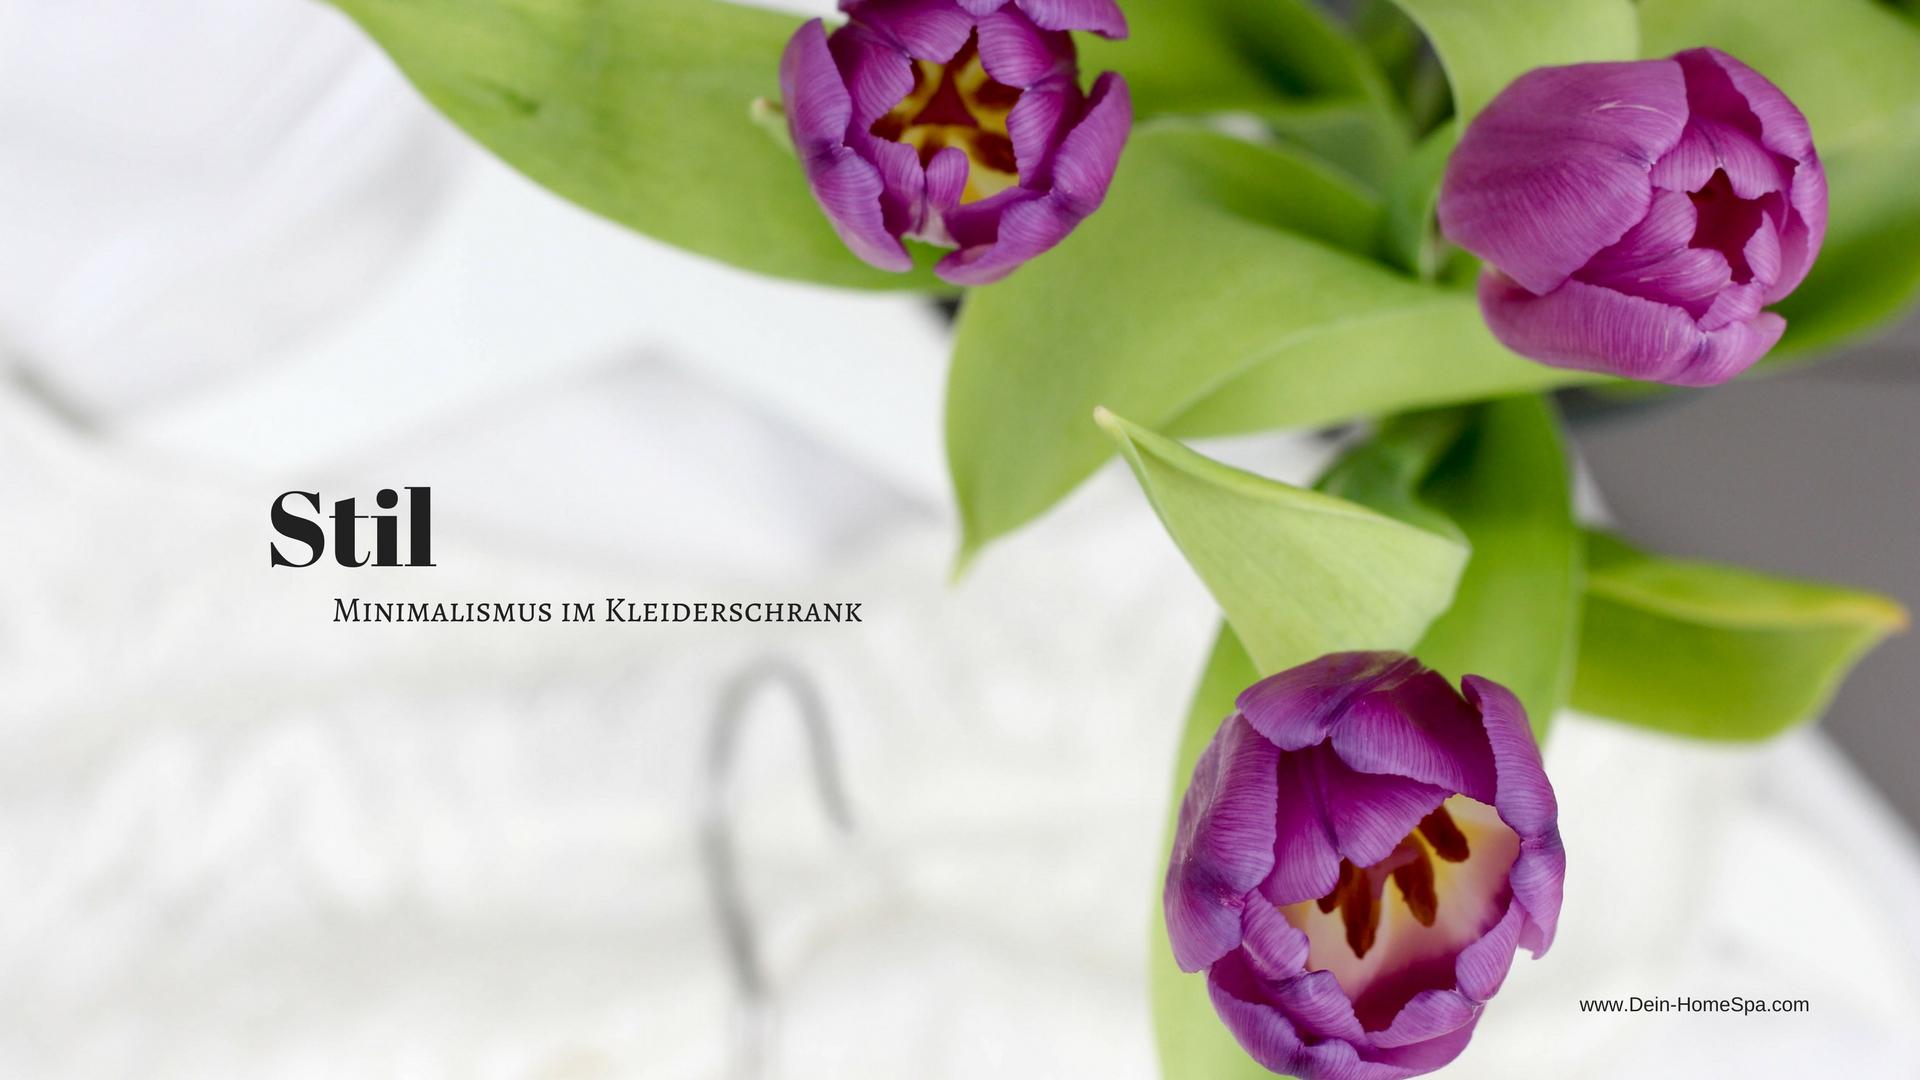 Stil minimalismus im kleiderschrank lifestyle for Minimalismus im kleiderschrank